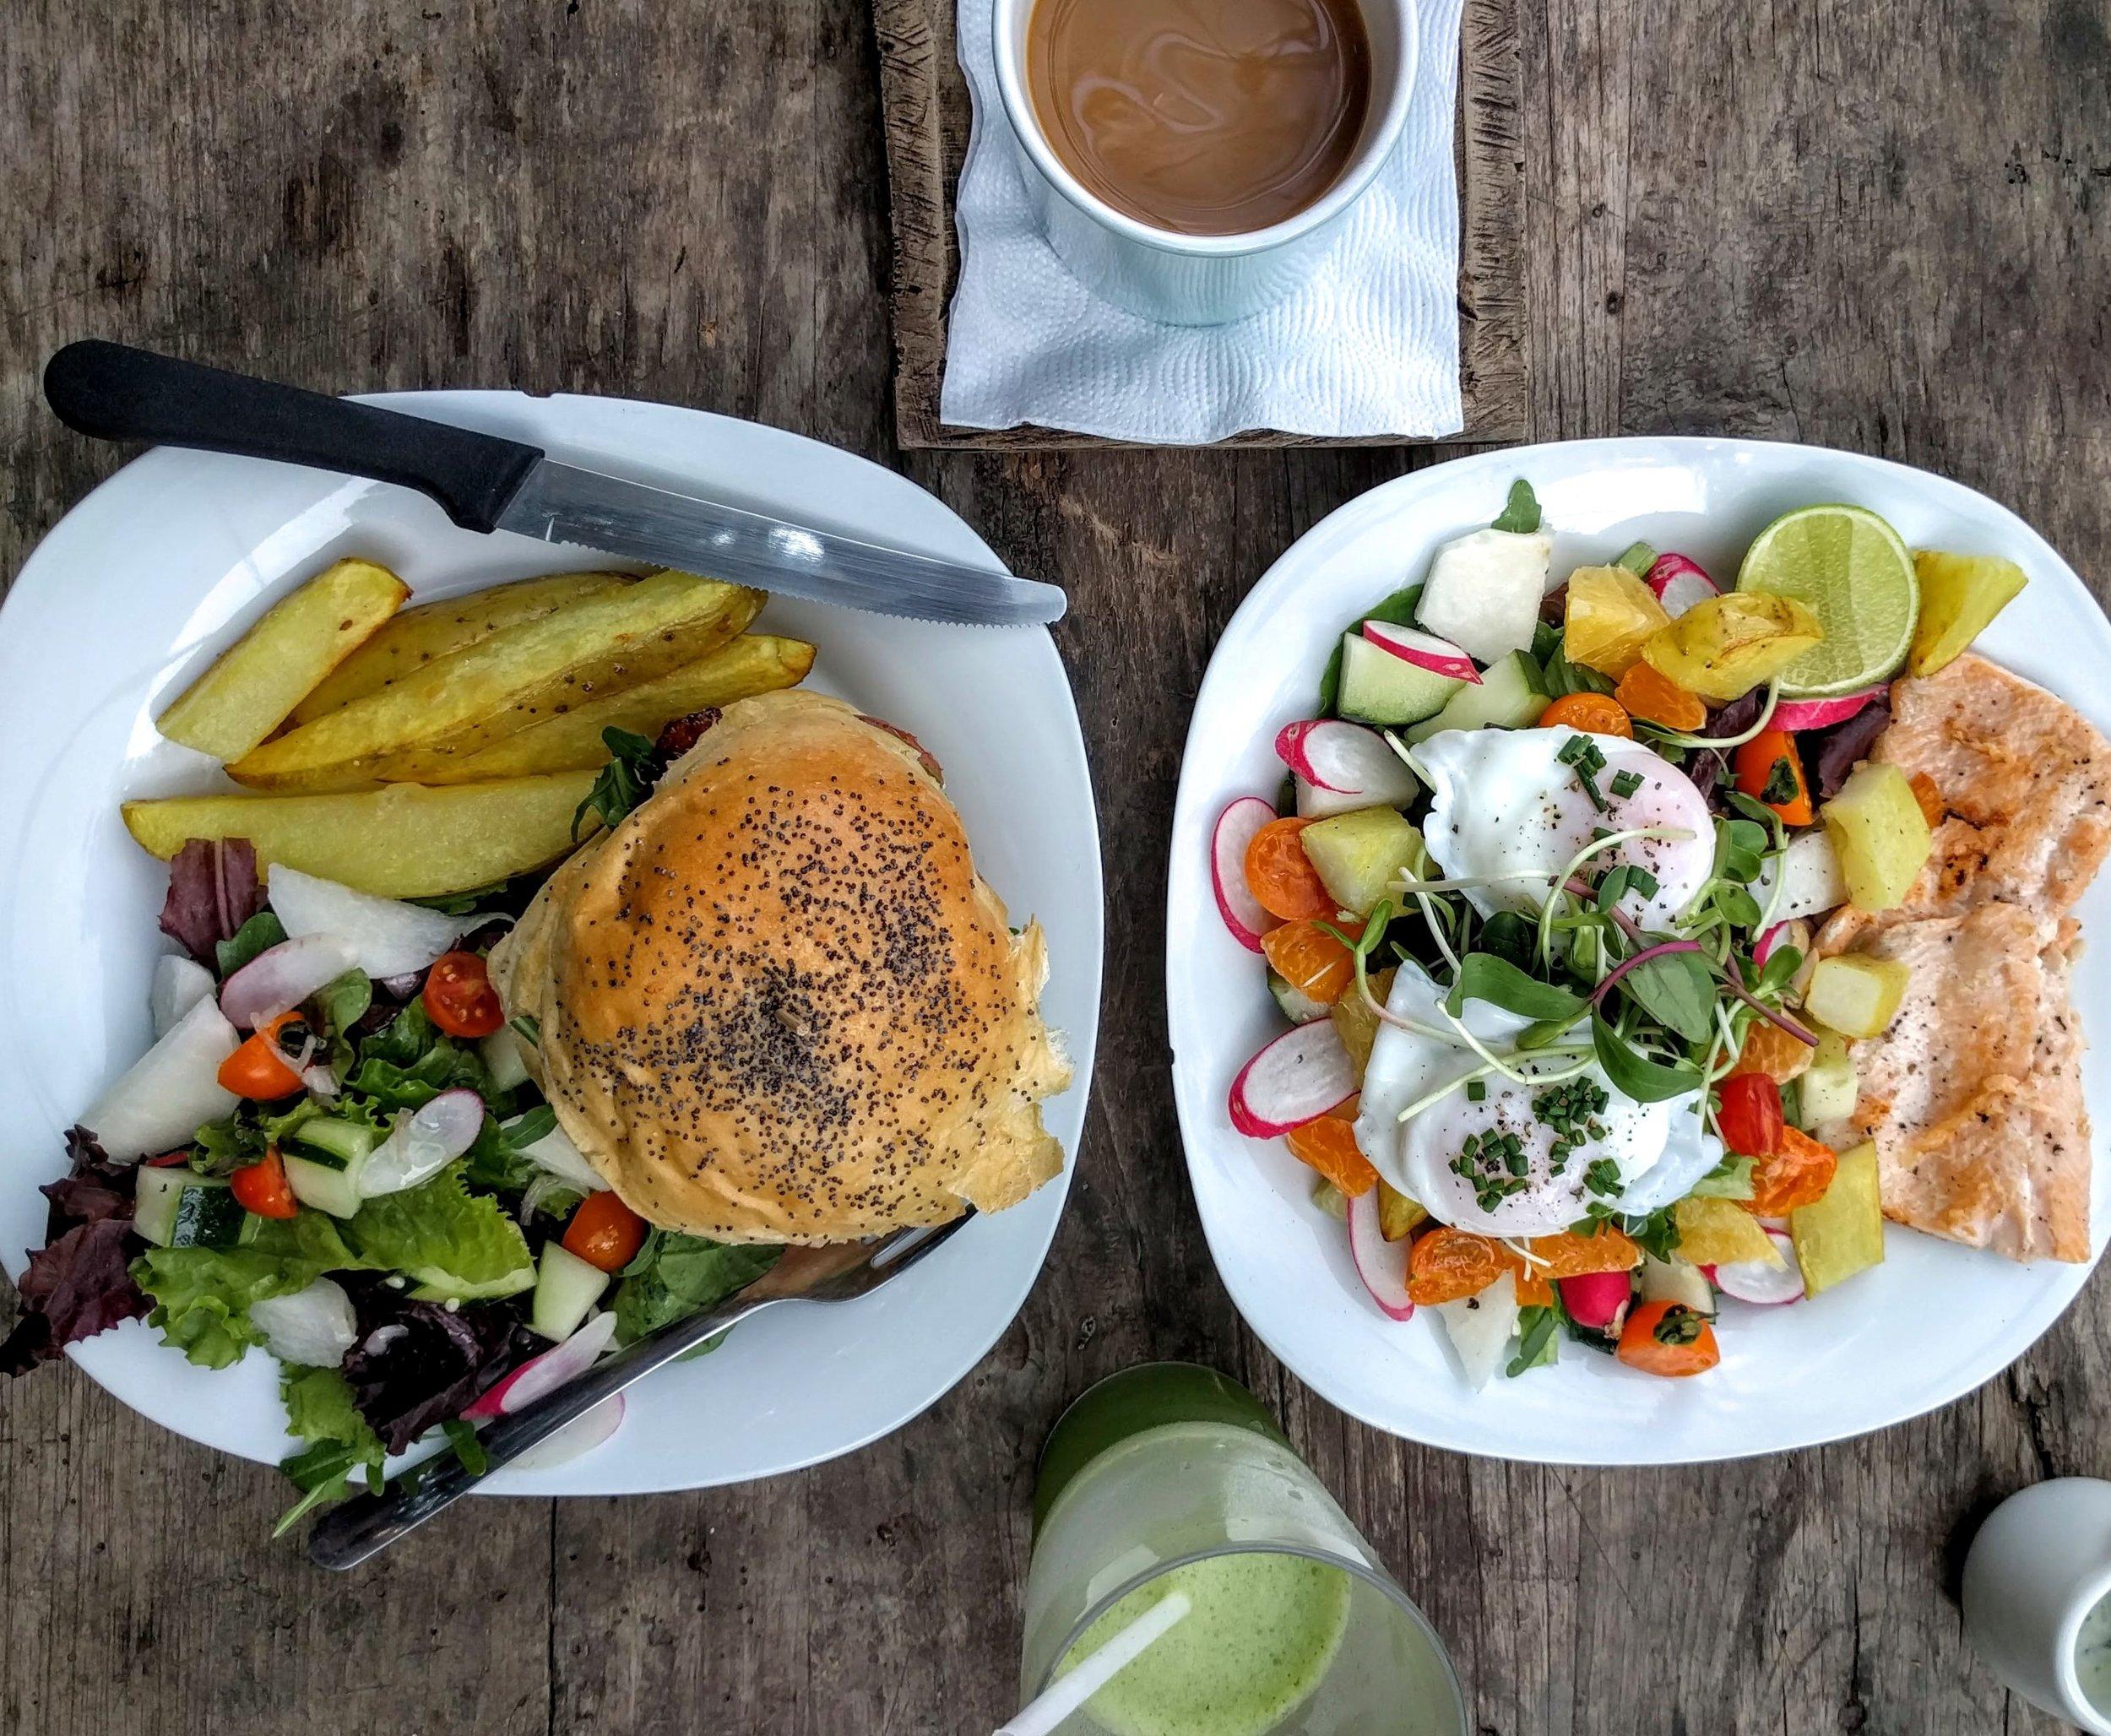 Salmon Burger and Trout Salad - Caoba Farms - Antigua, Guatemala